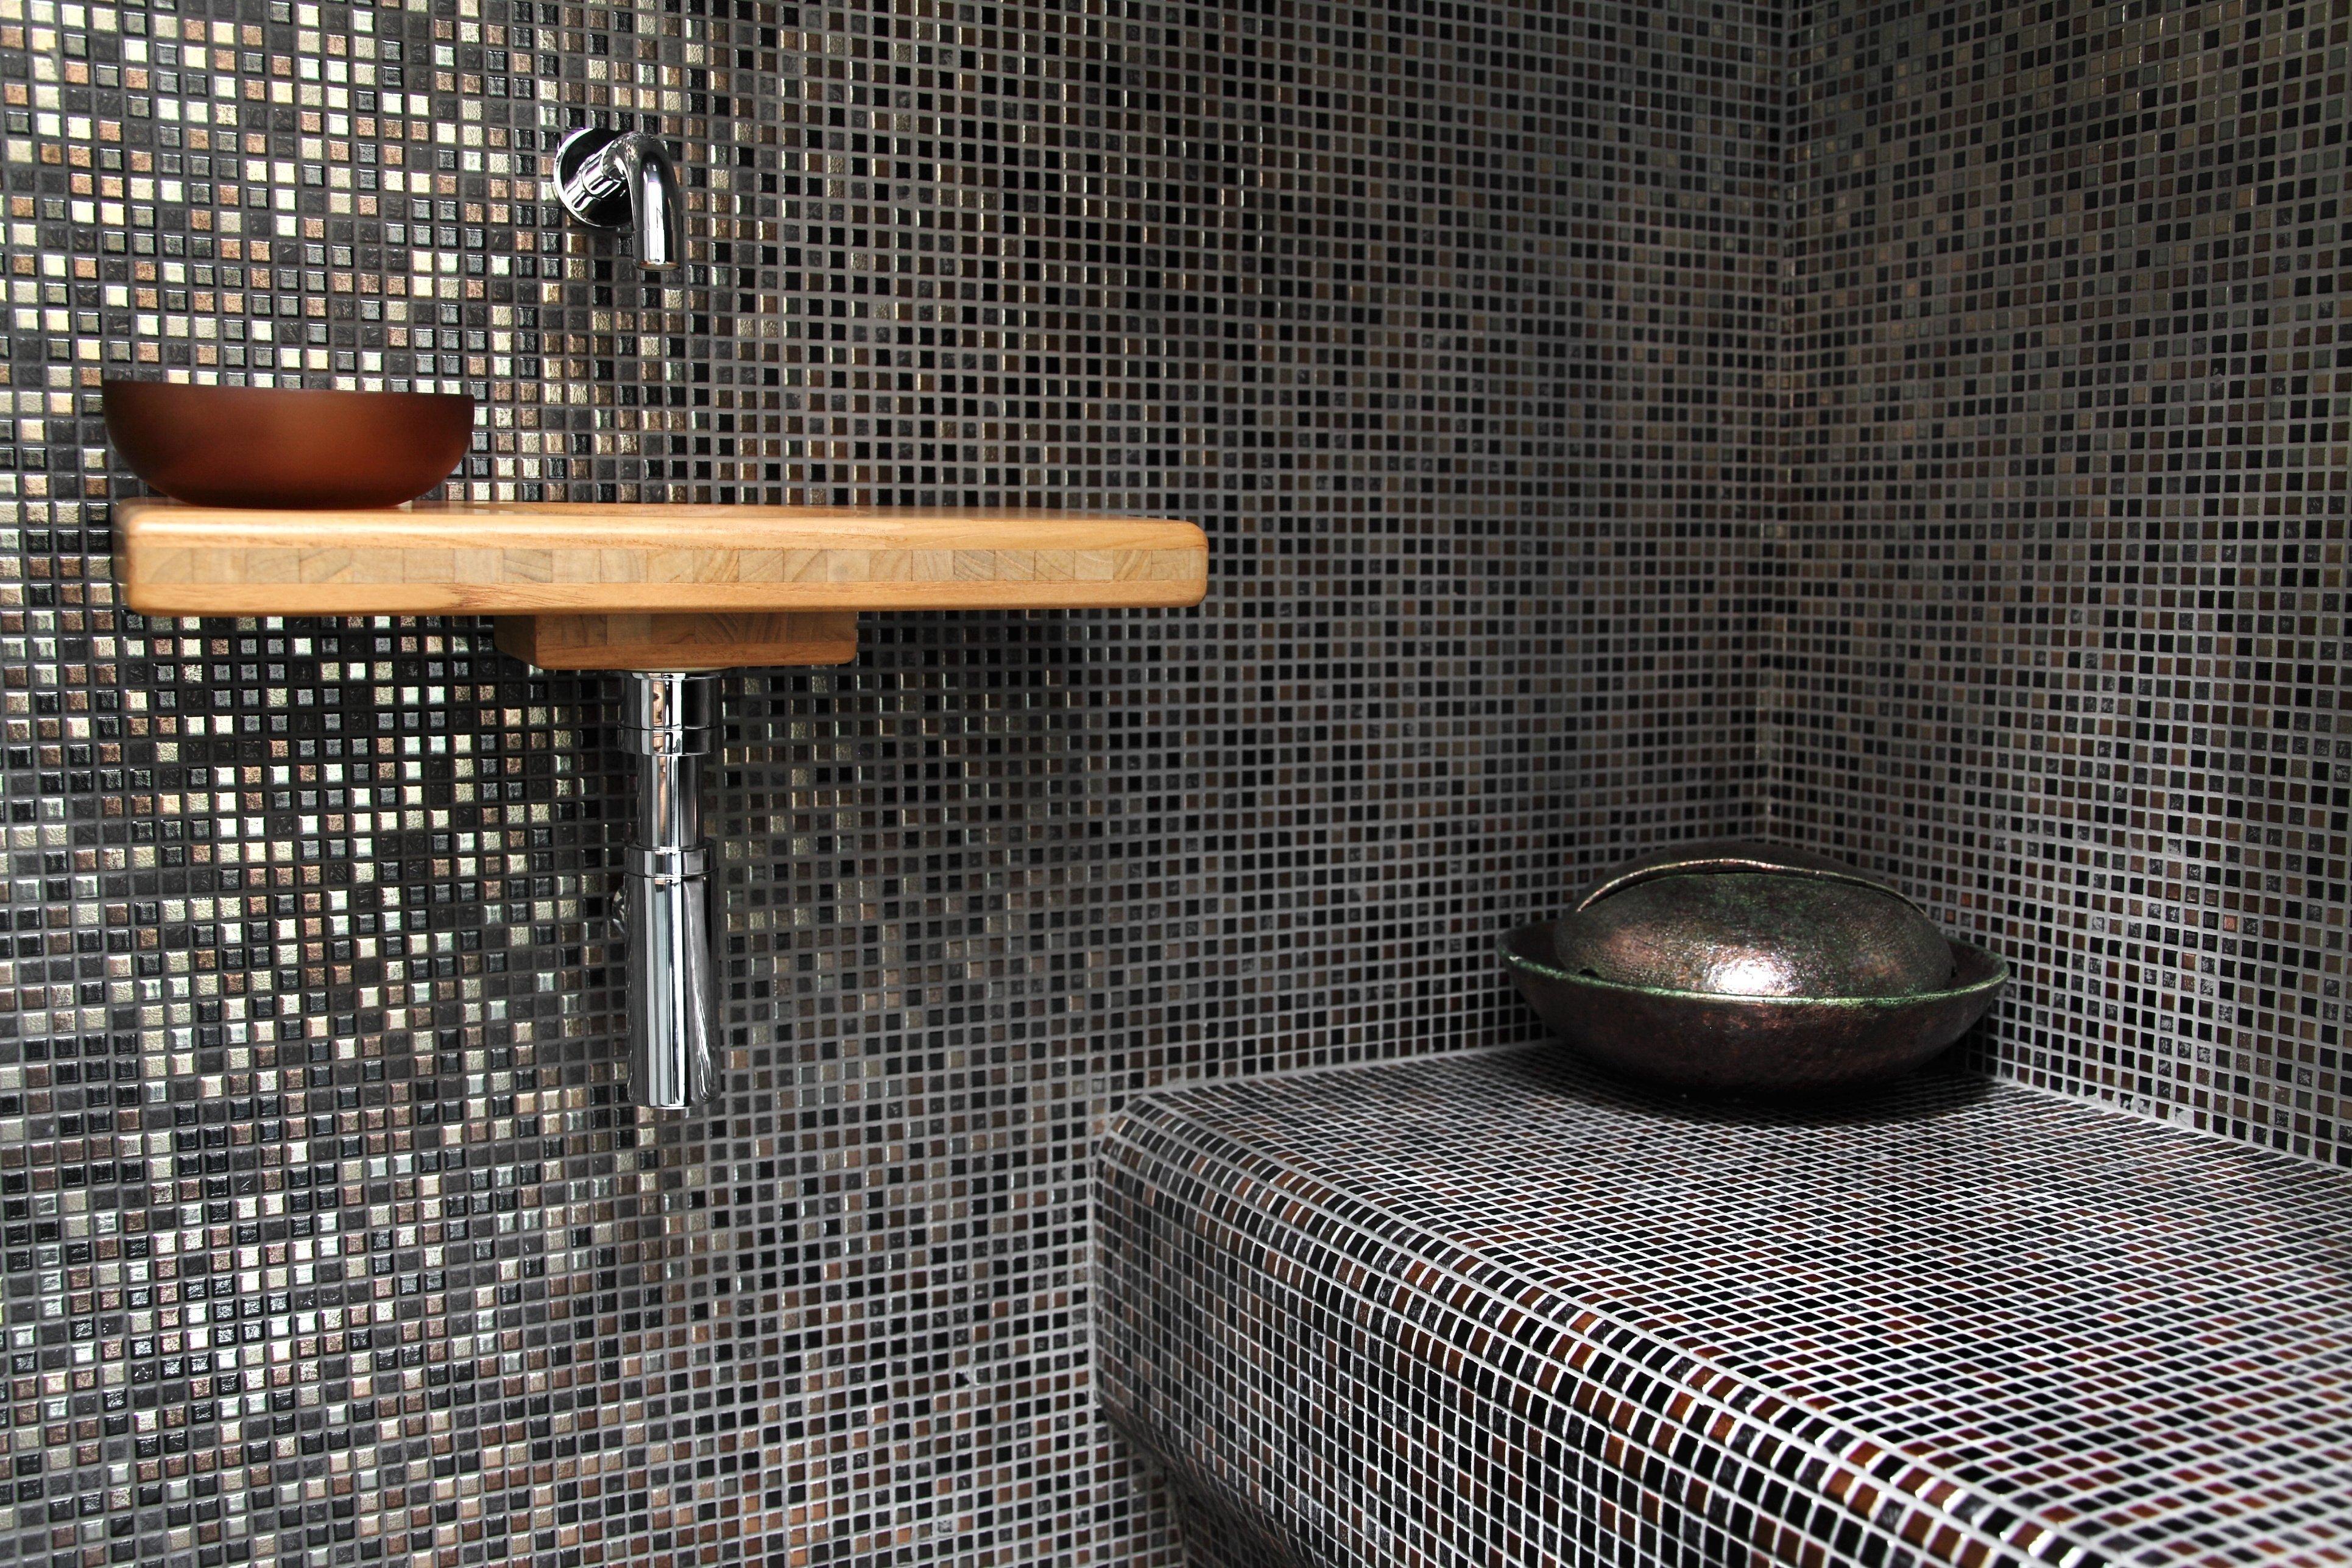 Bagno con mattonelle a mosaico.